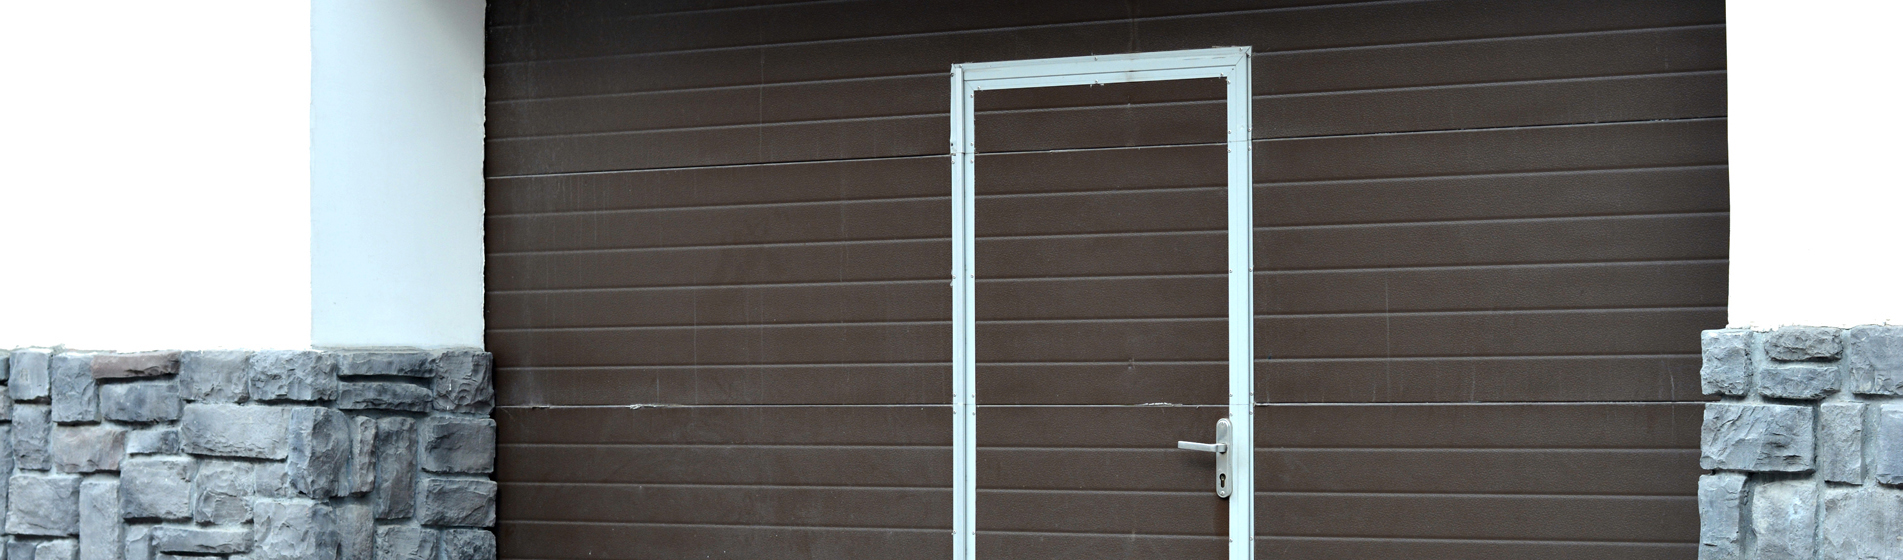 porte de garage enroulable avec portillon 84 Vaucluse